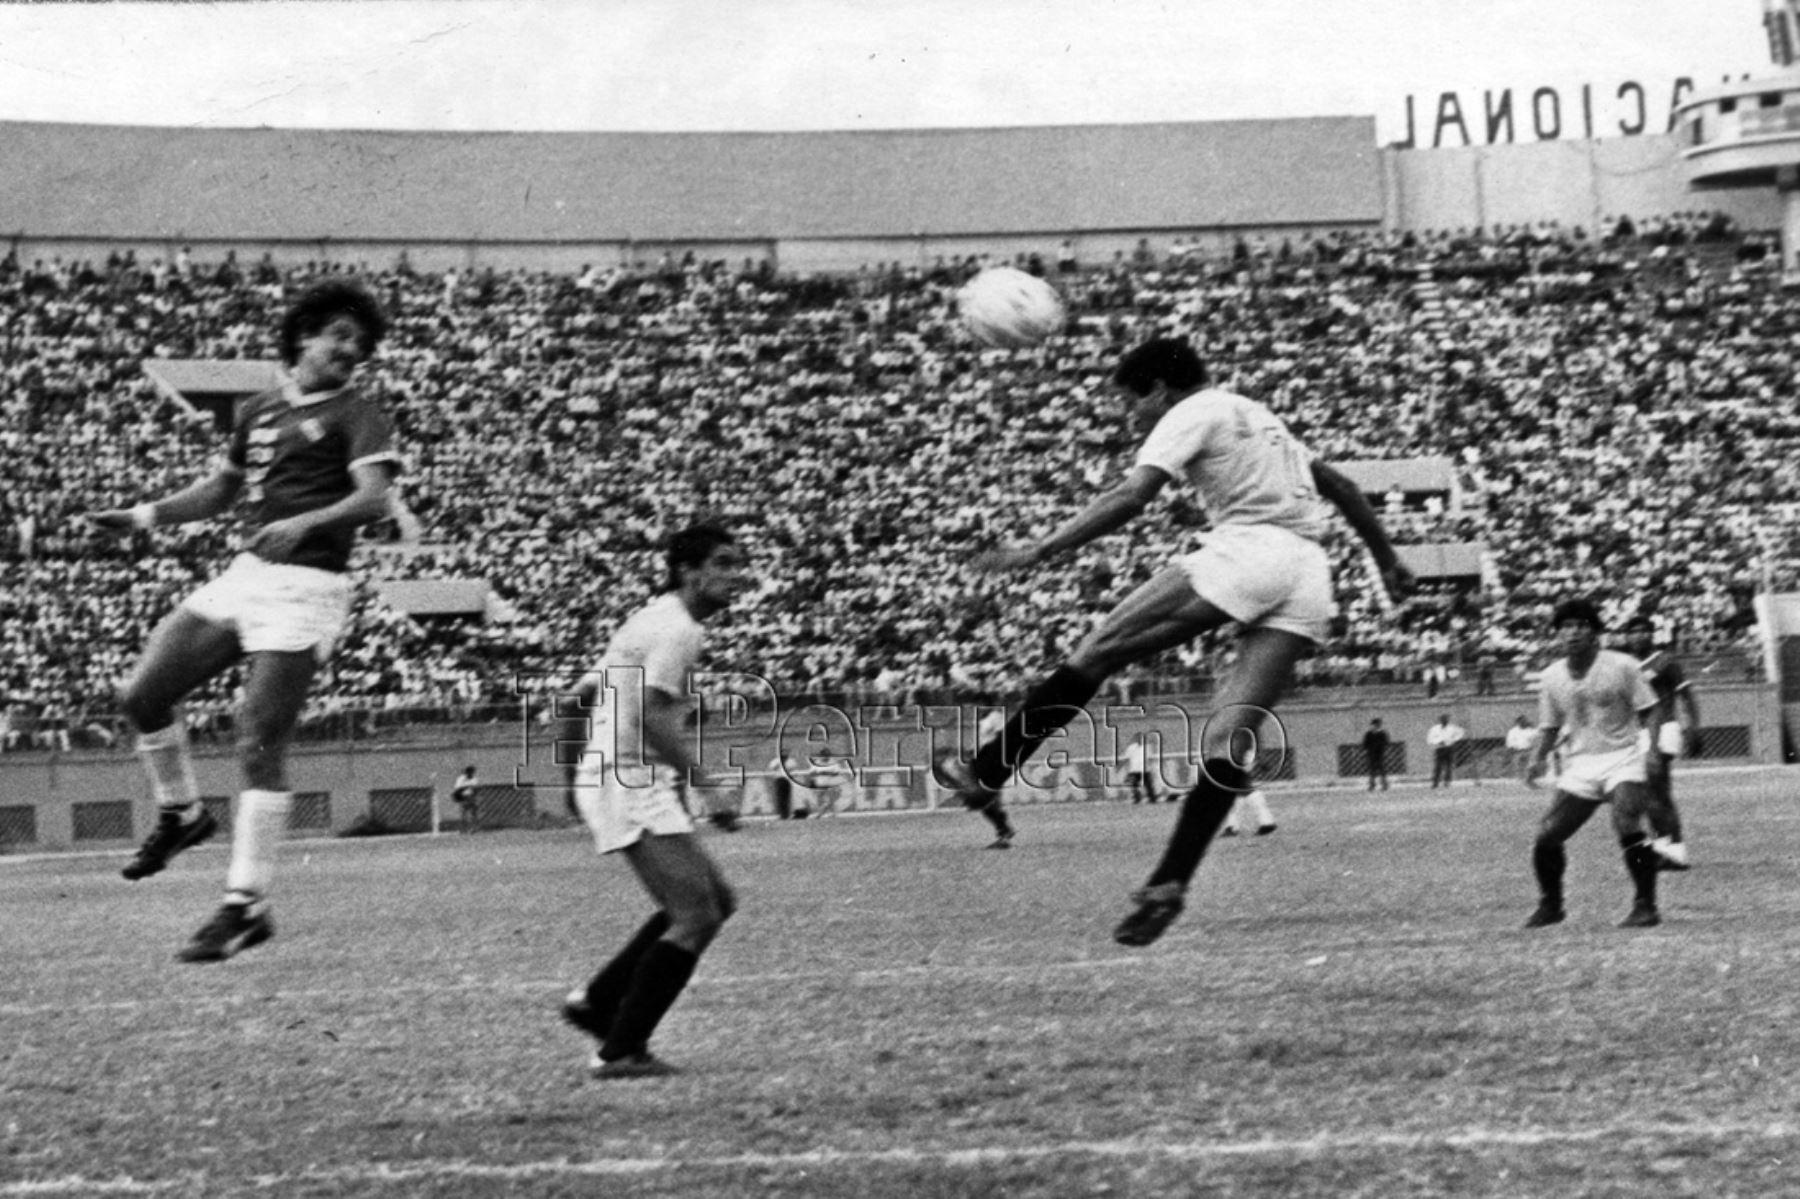 Ex jugador de futbol Samuel Eugenio debuto en el  club Alayza en 1970, para luego ser parte de la plantilla de Universitario de Deportes. Fue campeón nacional con el conjunto crema en 1982, 1985 y 1987. Además, defendió a la selección peruana en algunas oportunidades. Foto: ANDINA/Archivo diario el Peruano